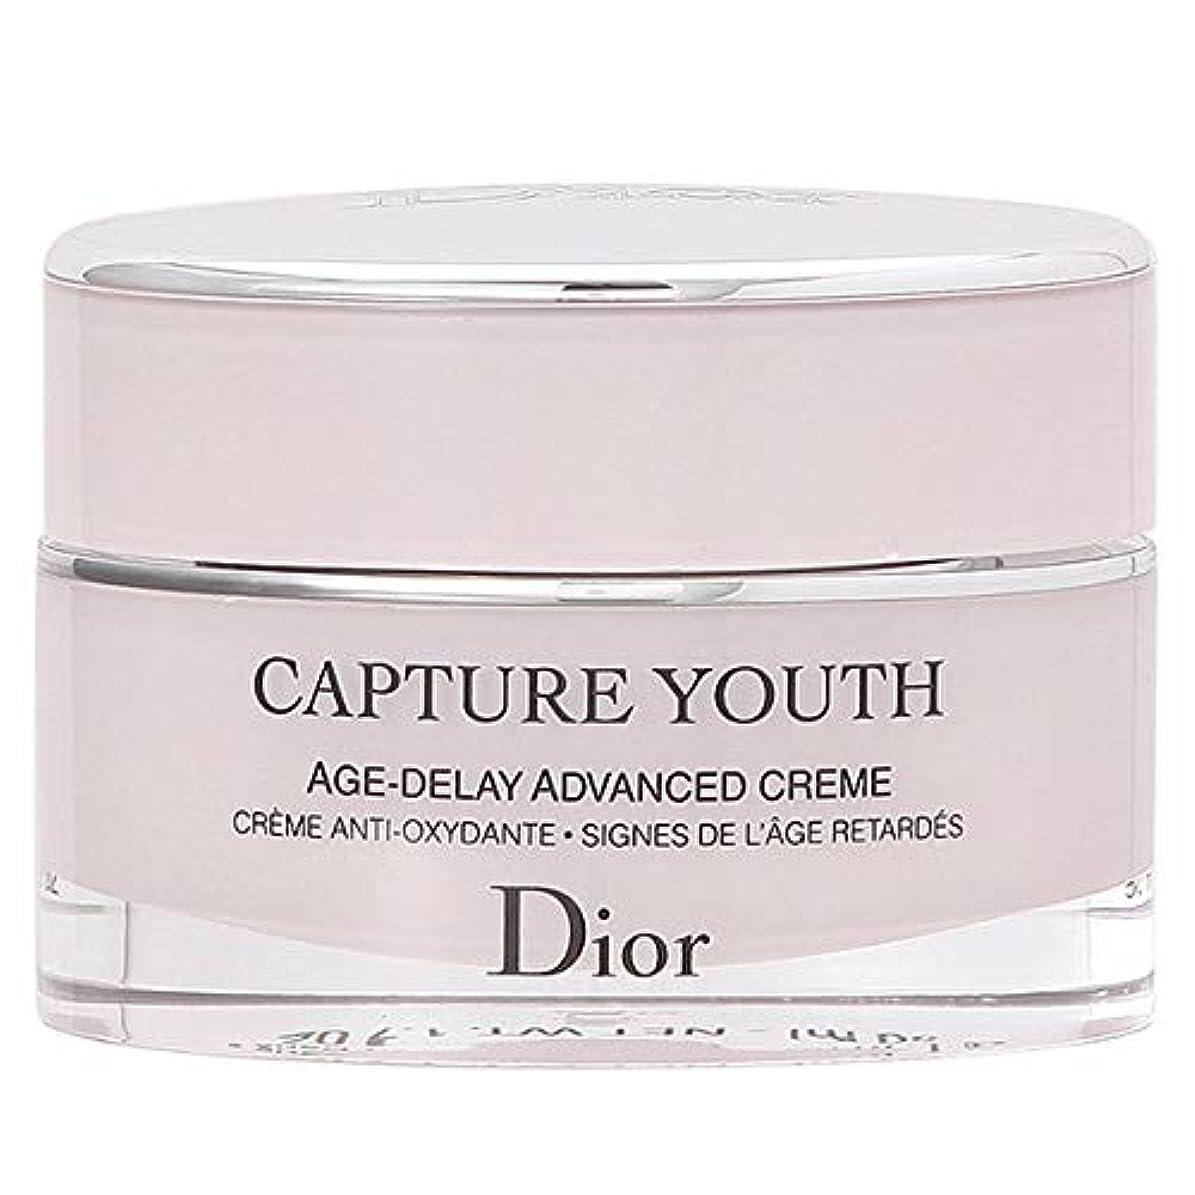 底突っ込む中庭クリスチャンディオール Christian Dior カプチュール ユース 50mL [並行輸入品]